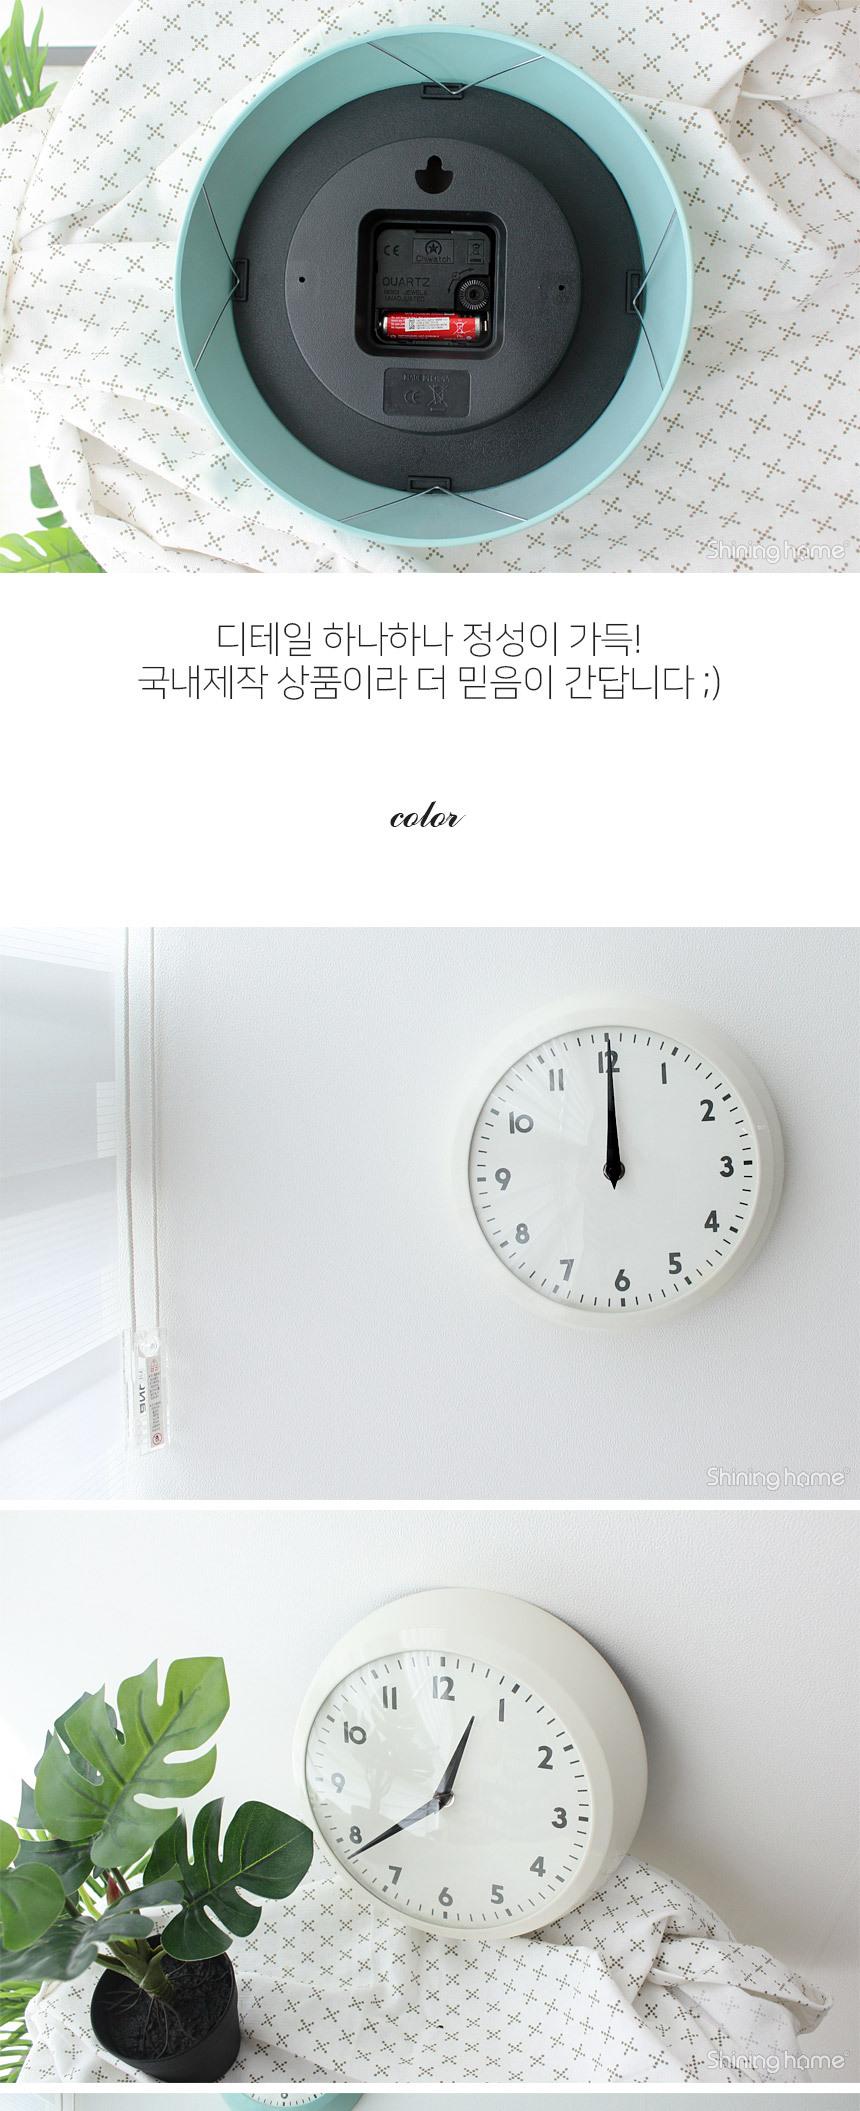 모니에 무소음 마카롱 벽시계 - 샤이닝홈, 35,900원, 벽시계, 무소음/저소음